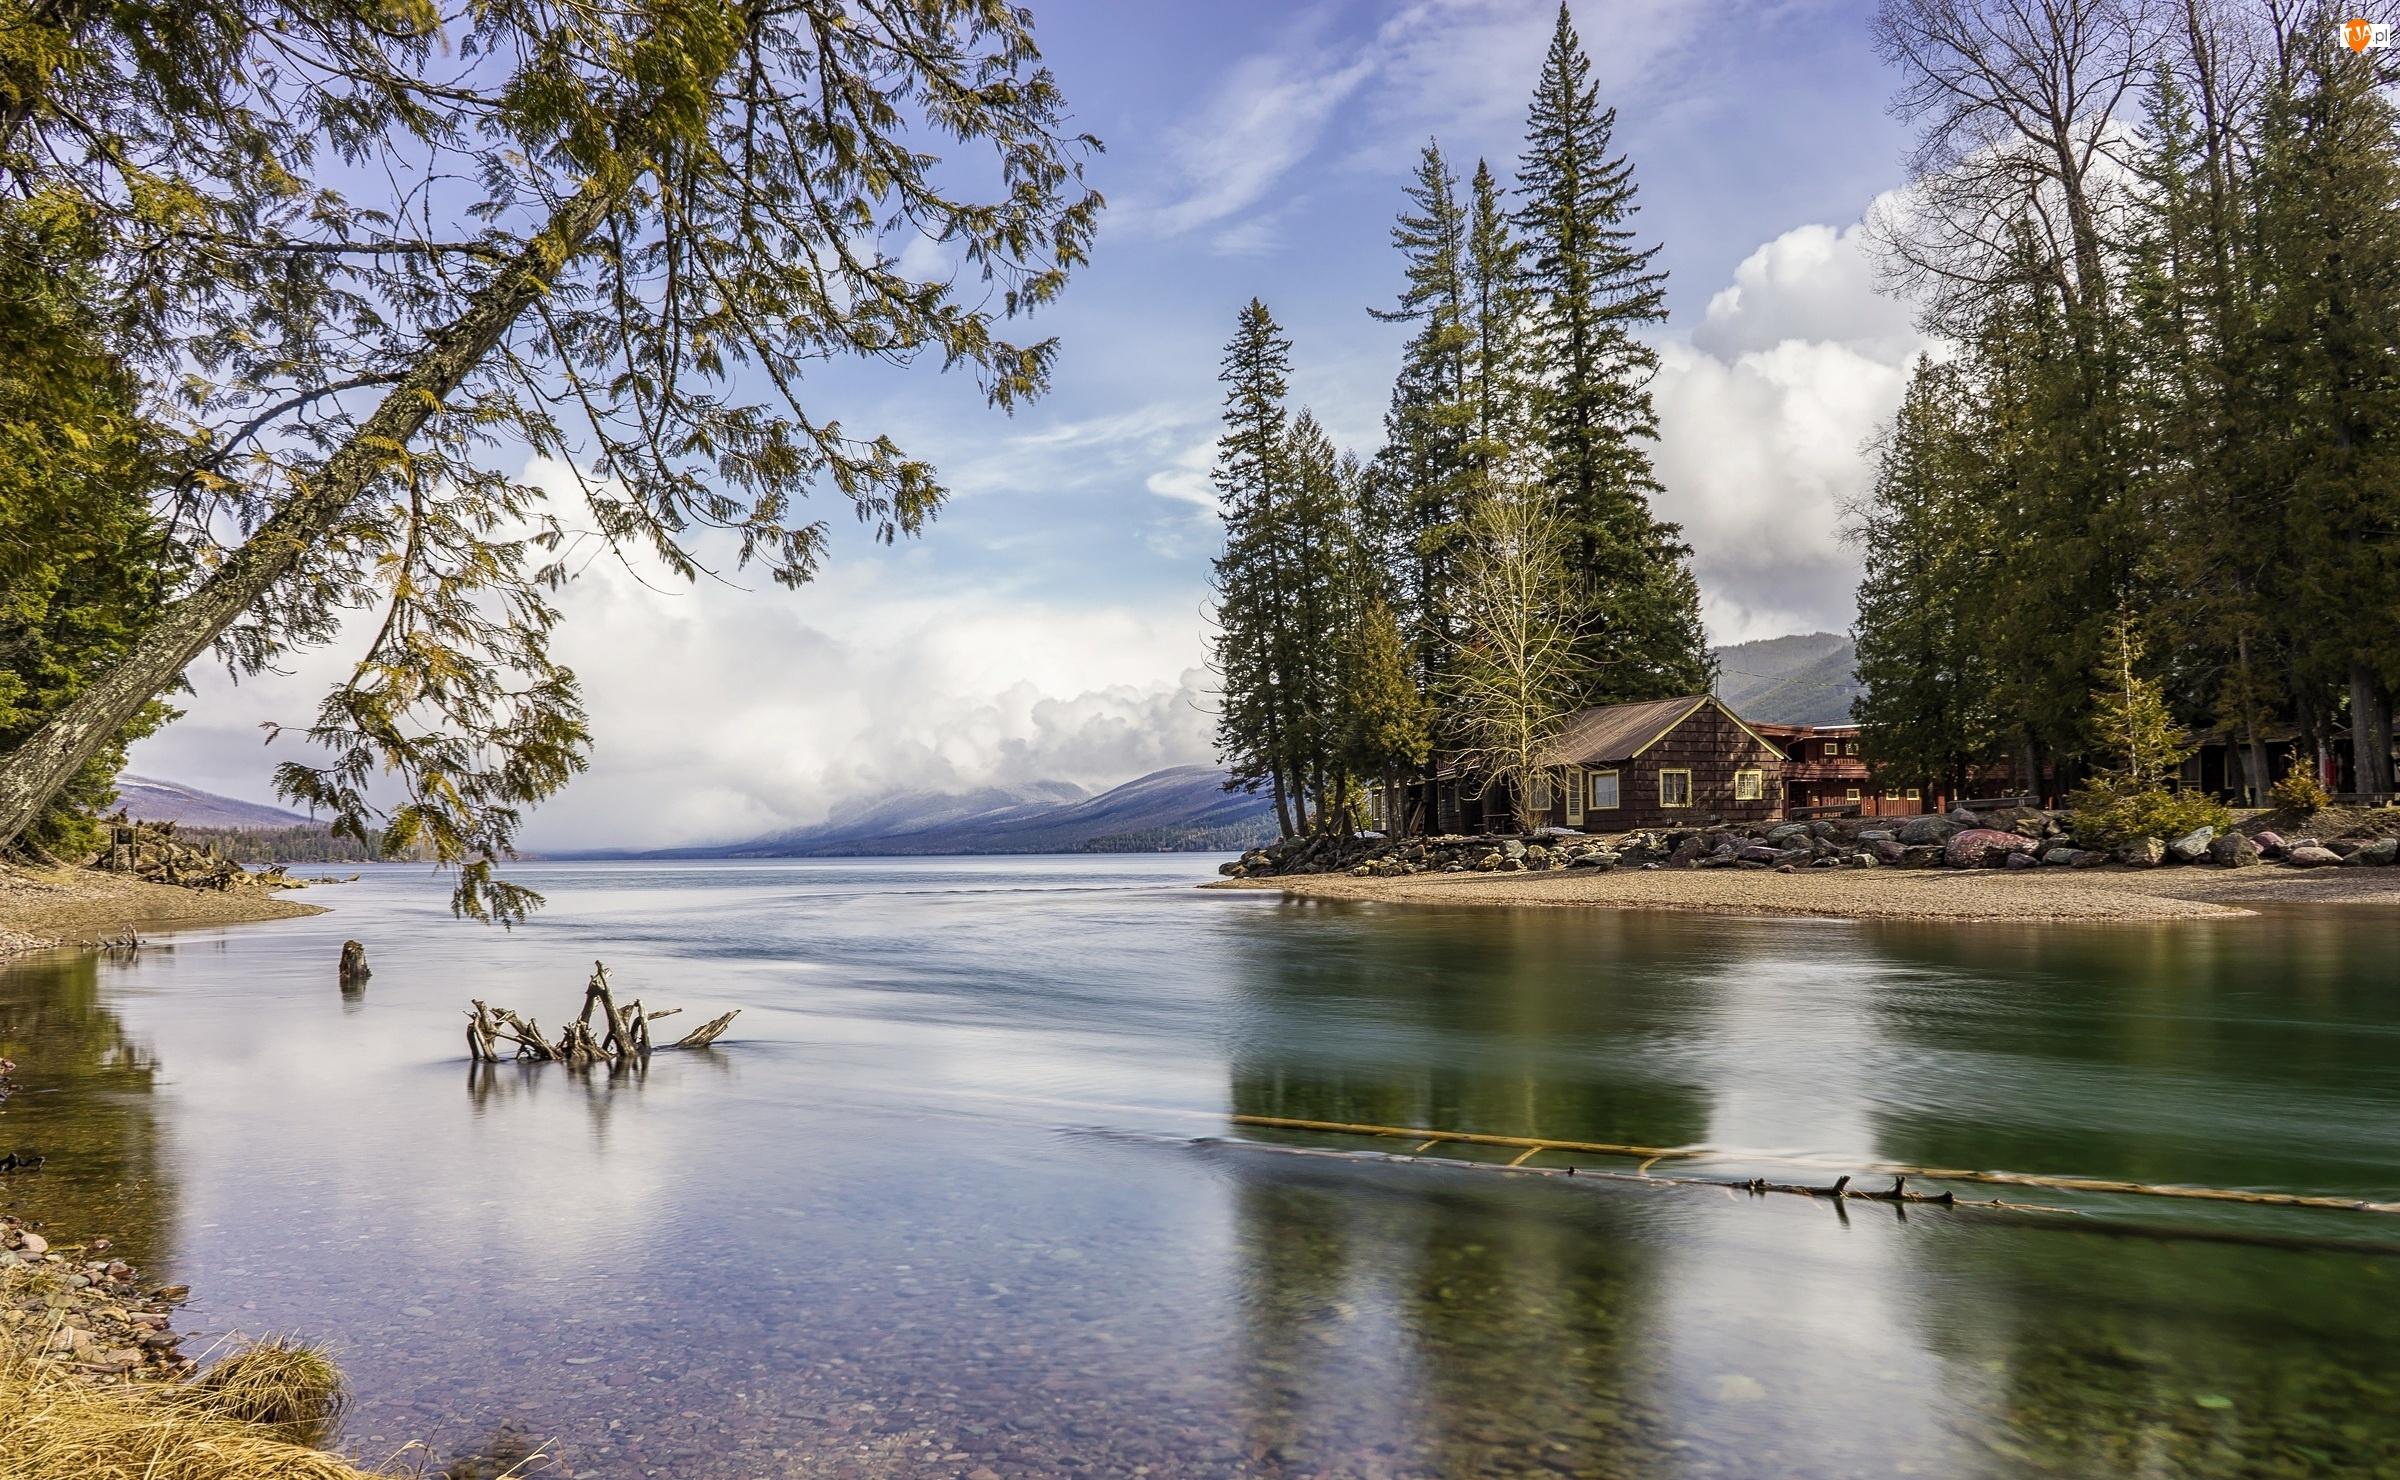 Rzeka, Park Narodowy Glacier, Dom, Stany Zjednoczone, Drzewa, Stan Montana